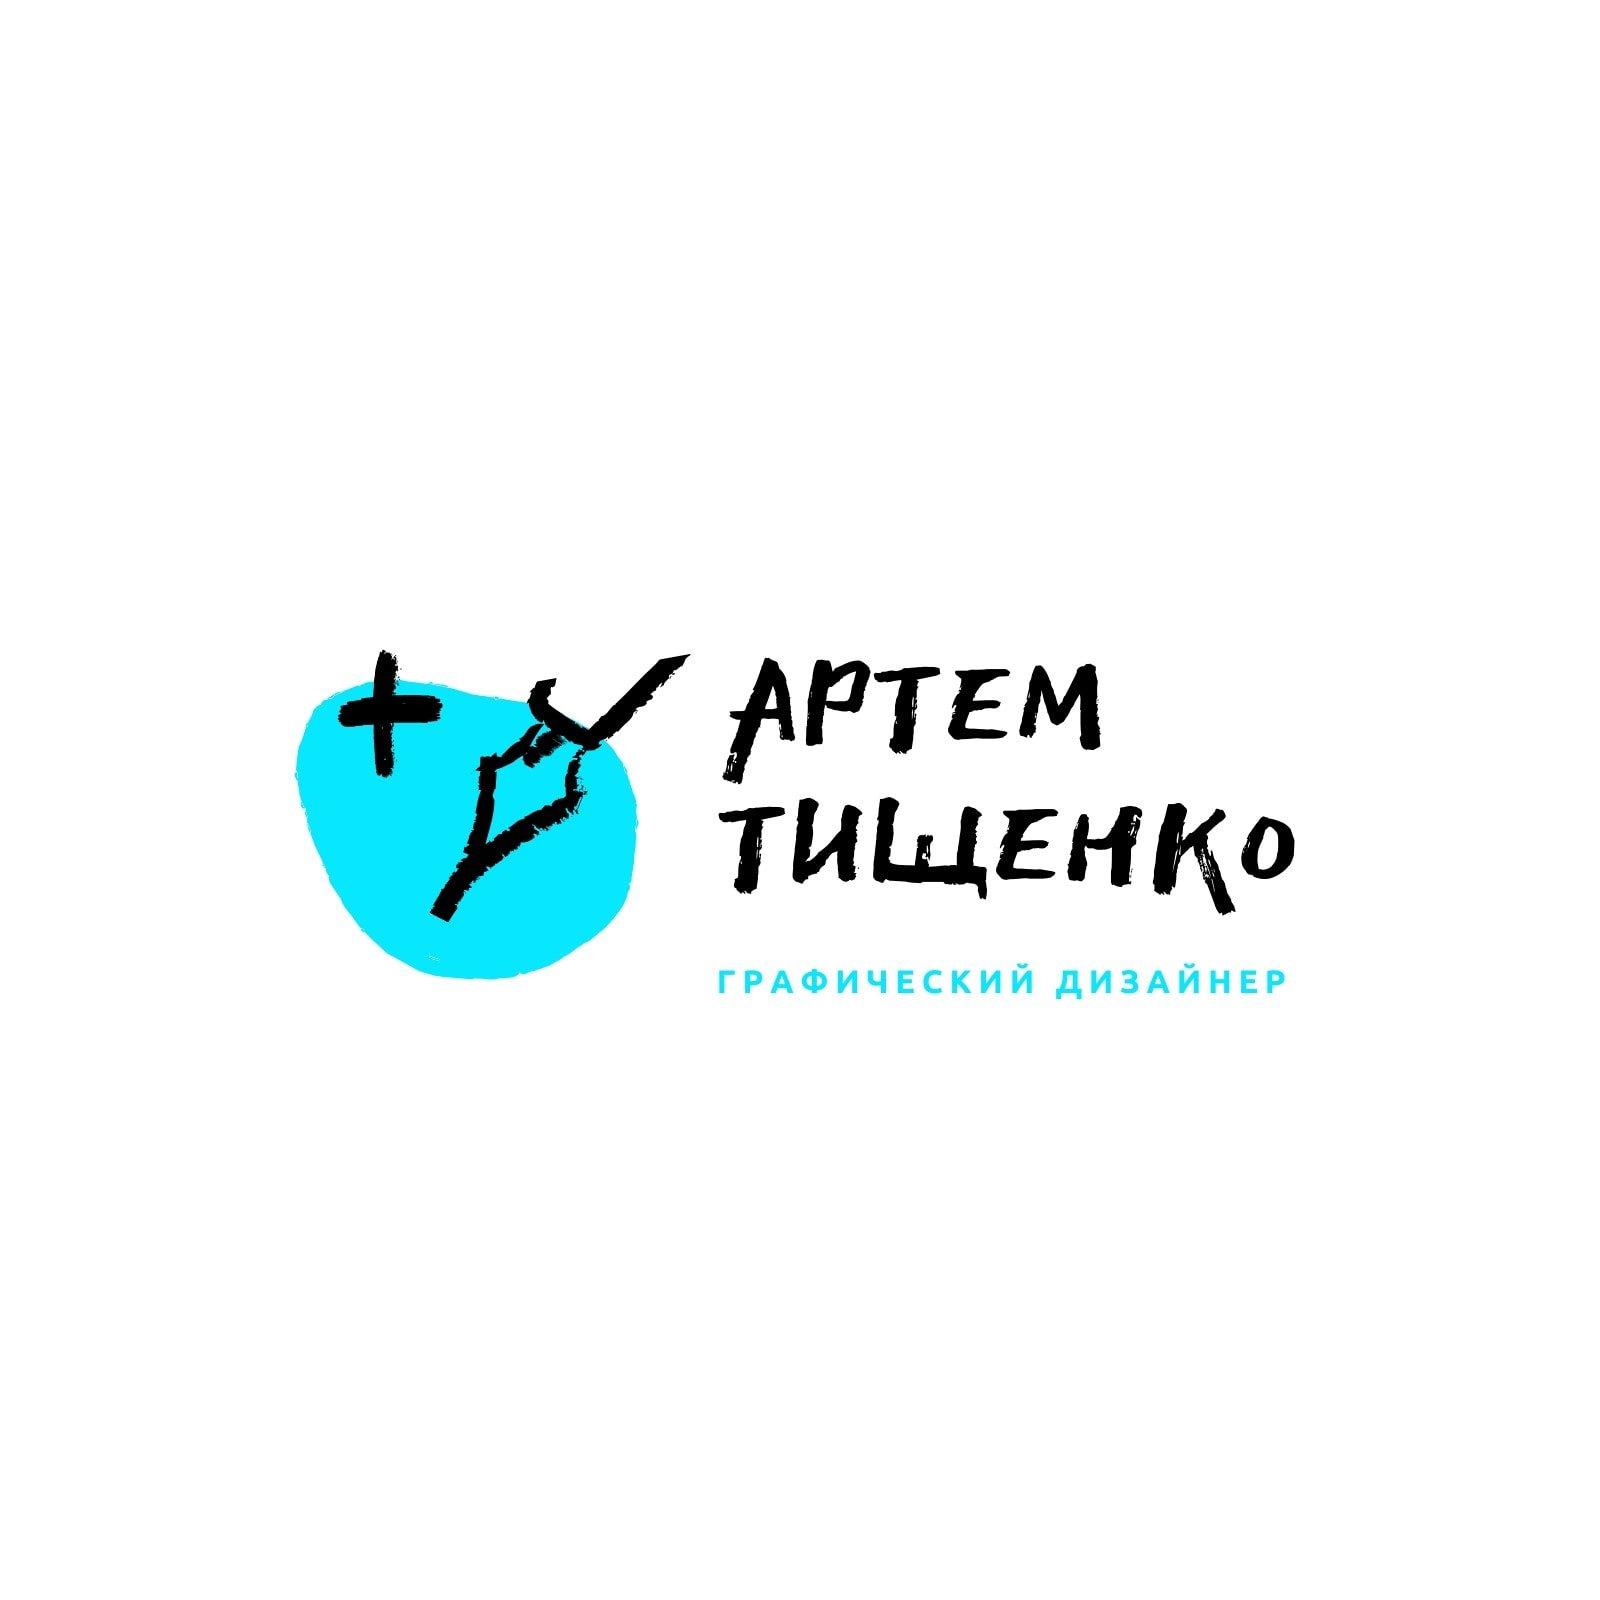 Черно-голубой логотип дизайнера с рисунком ручки